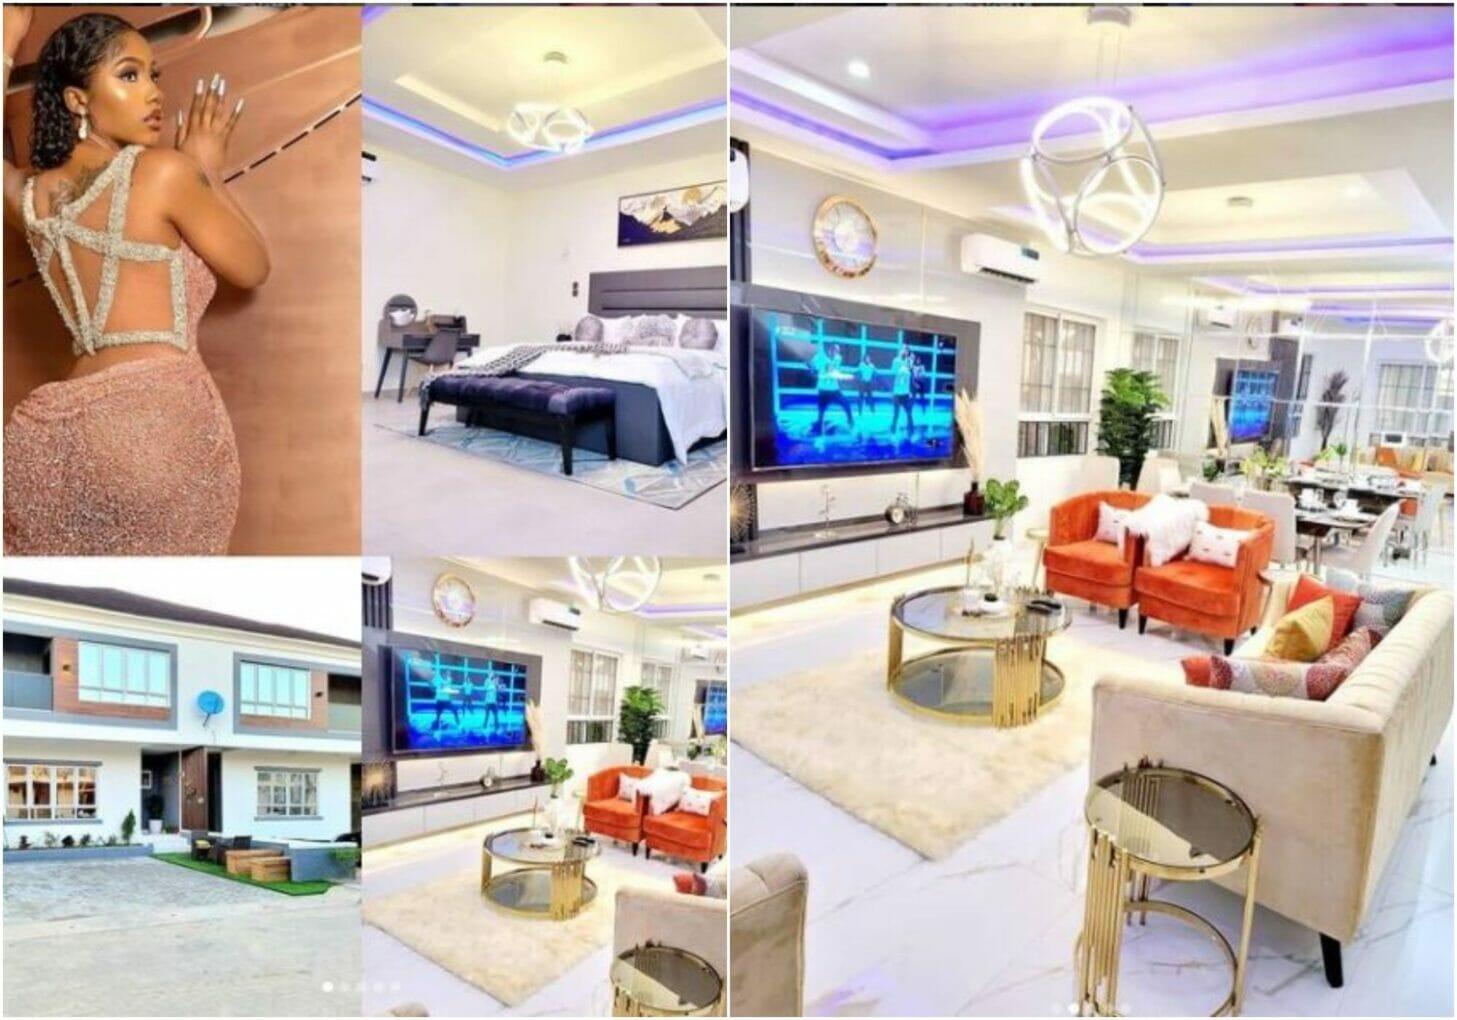 Mercy Eke's new house